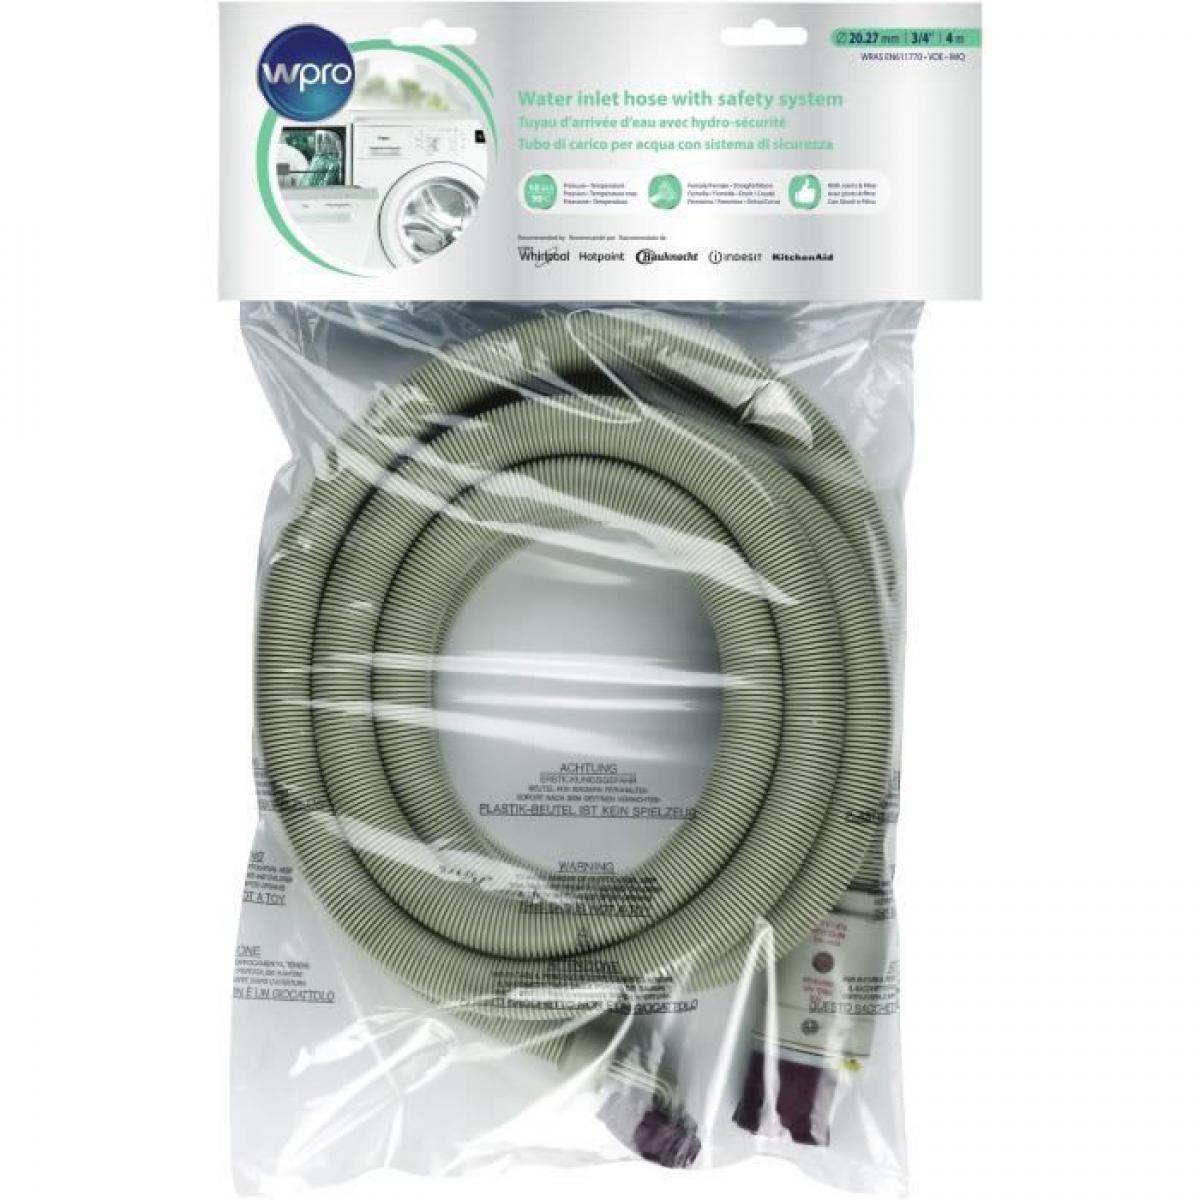 Wpro Wpro IHS400 - Tuyau darrivee deau avec Hydro-securite et filtre